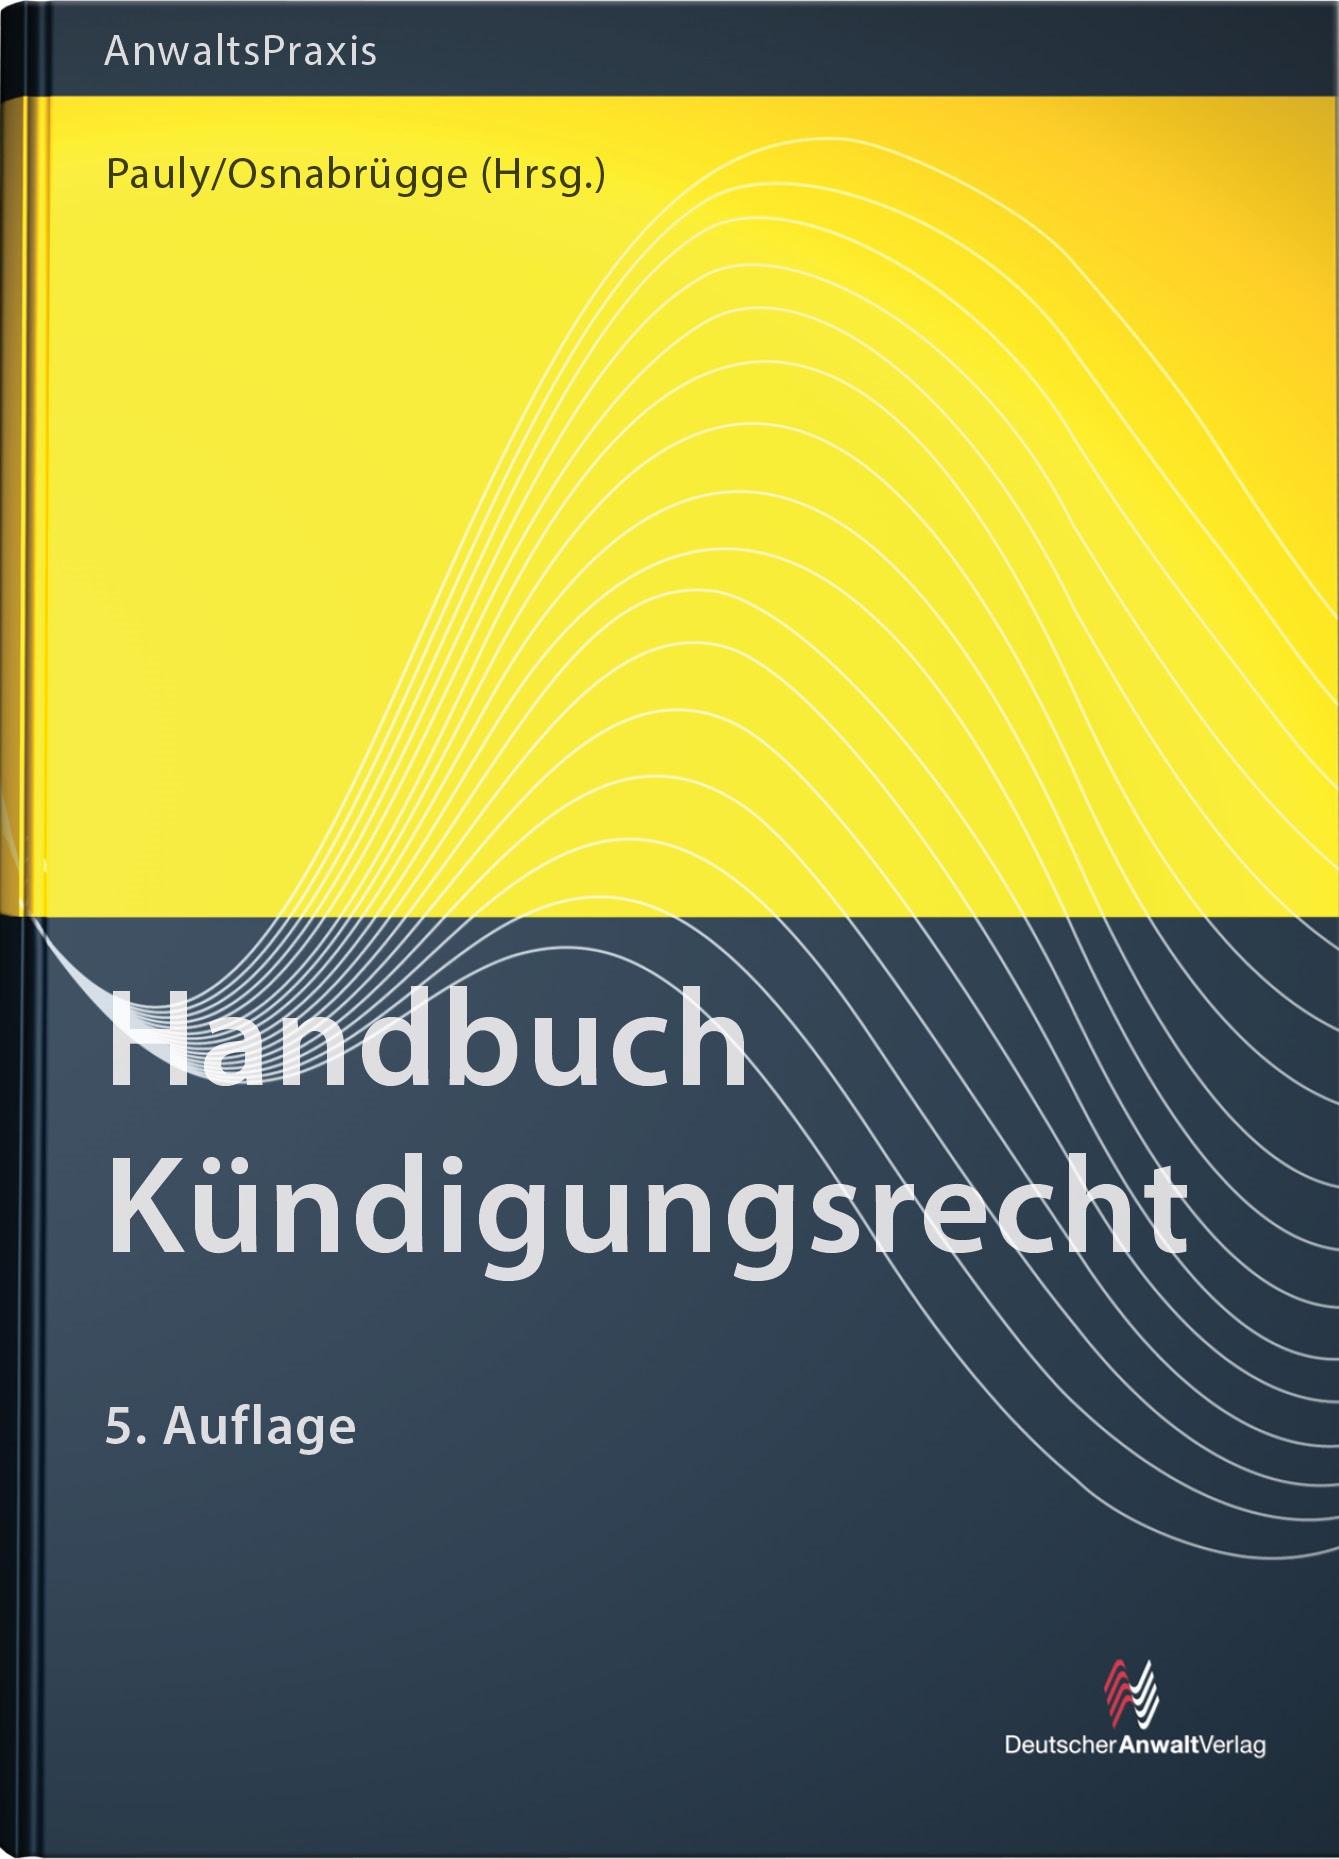 Handbuch Kündigungsrecht | Pauly / Osnabrügge (Hrsg.) | 5. Auflage, 2017 | Buch (Cover)